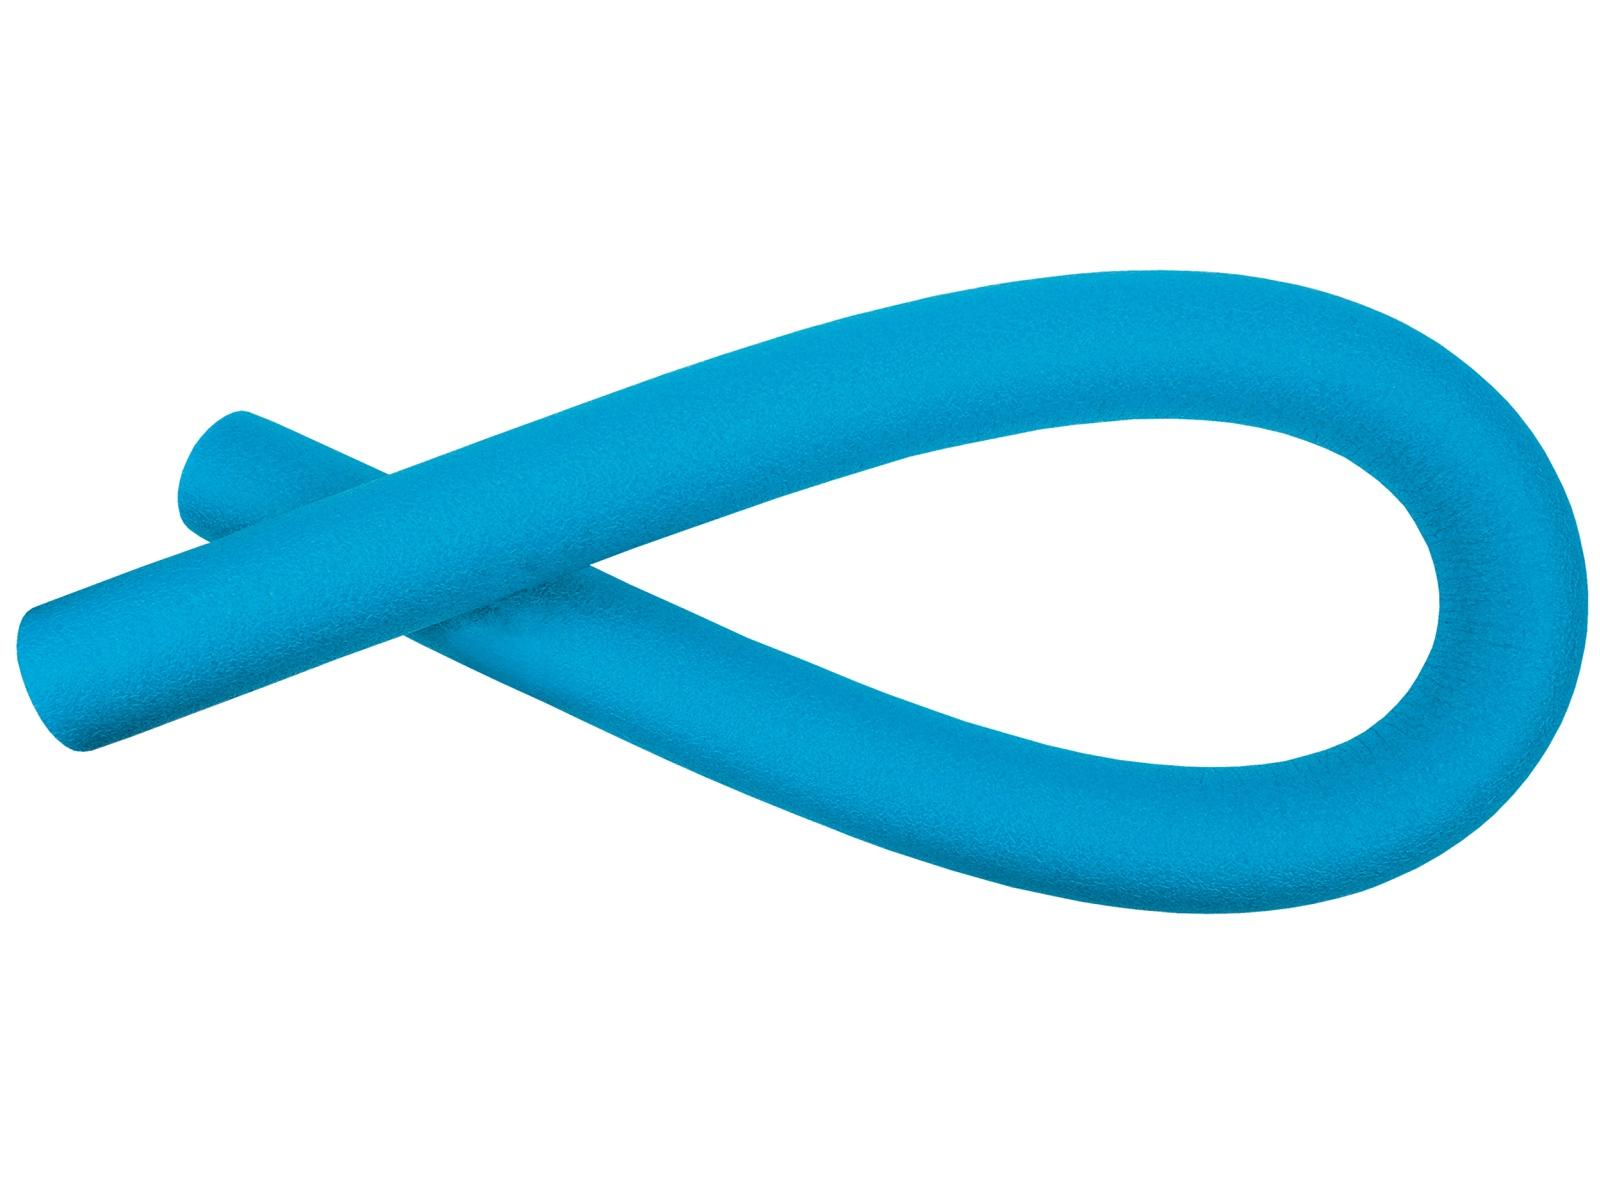 Plovací nudle SPOKEY Pasta - modrá